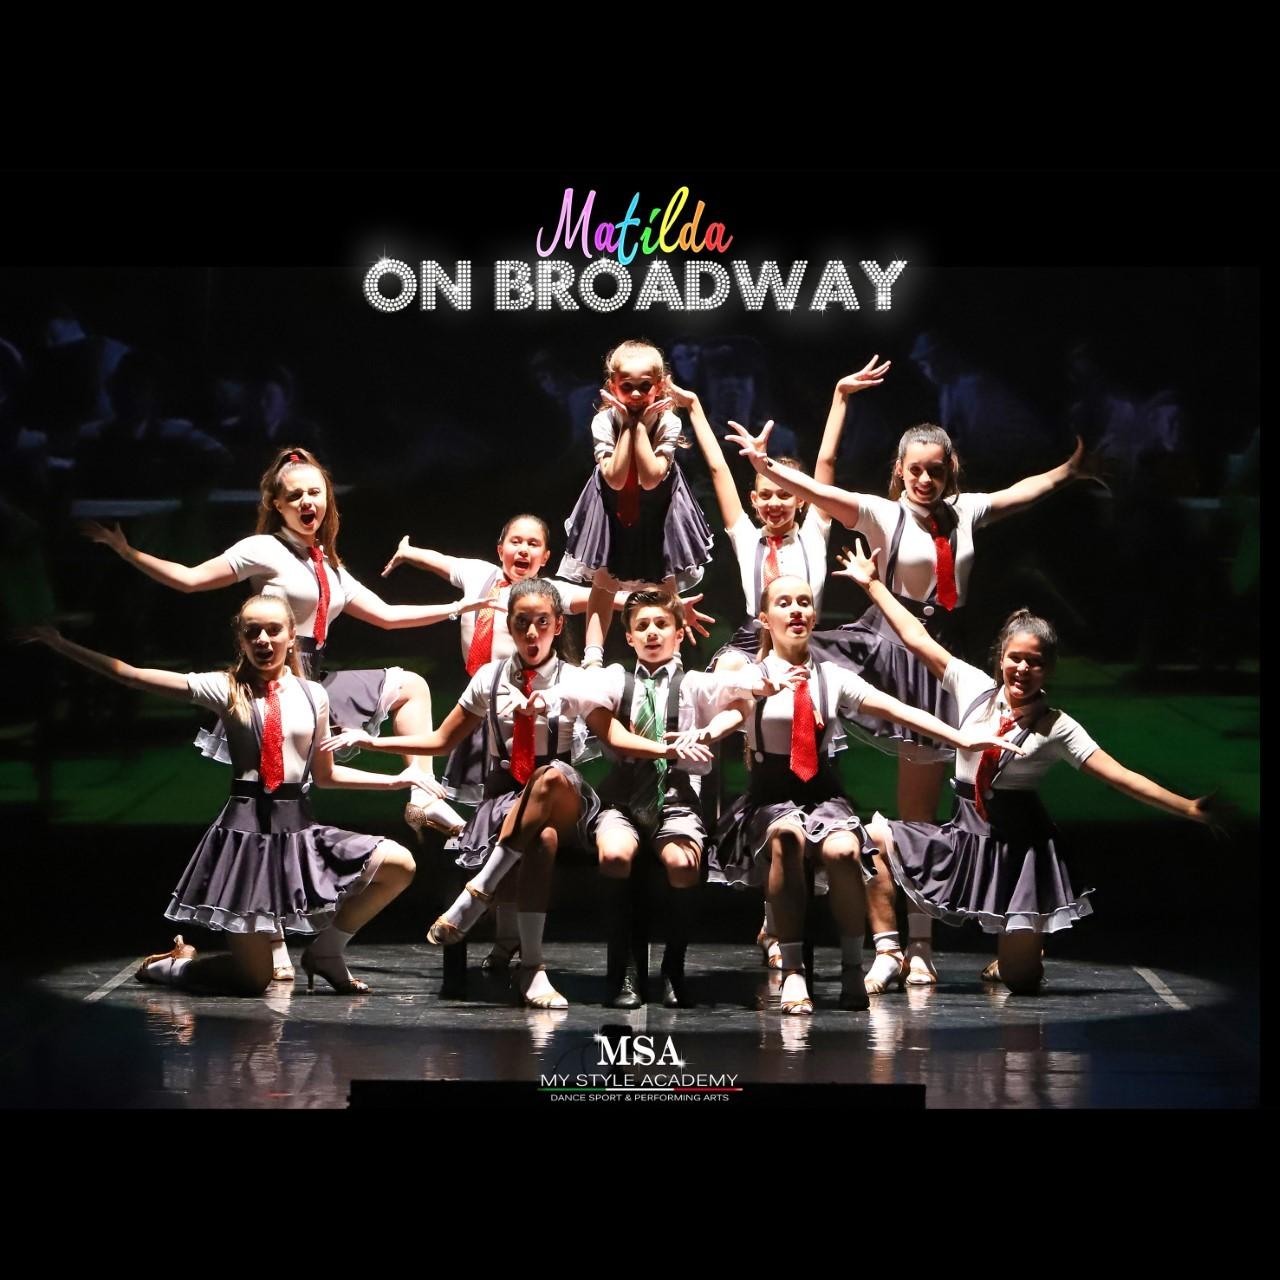 10 lezioni di canto o recitazione nel cuore di Principe in via Ventotene! Metti in scena il tuo talento!